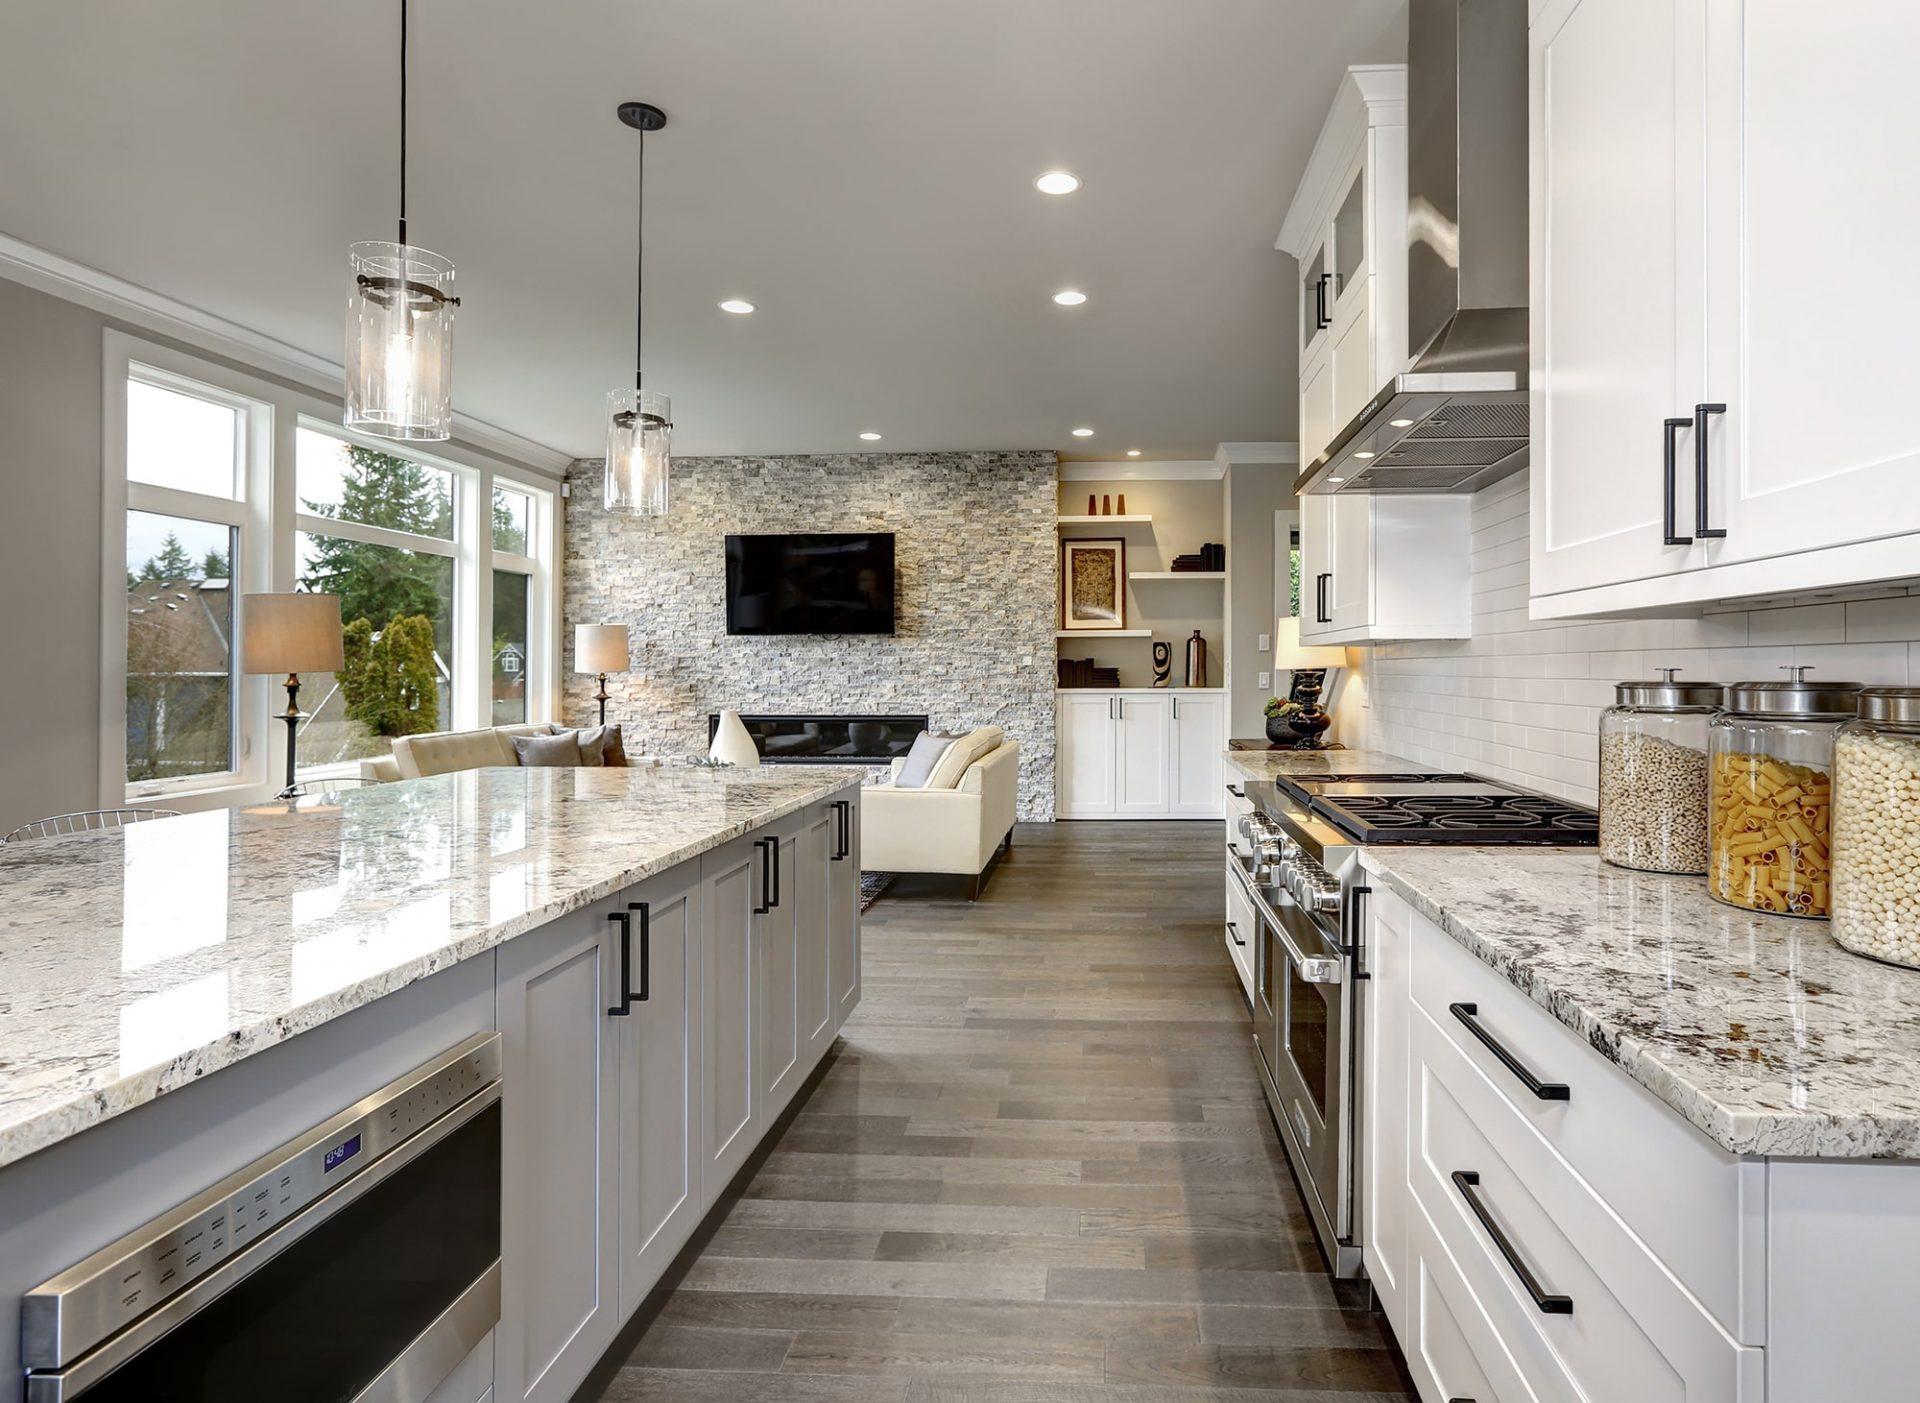 Manufactured housing kitchen